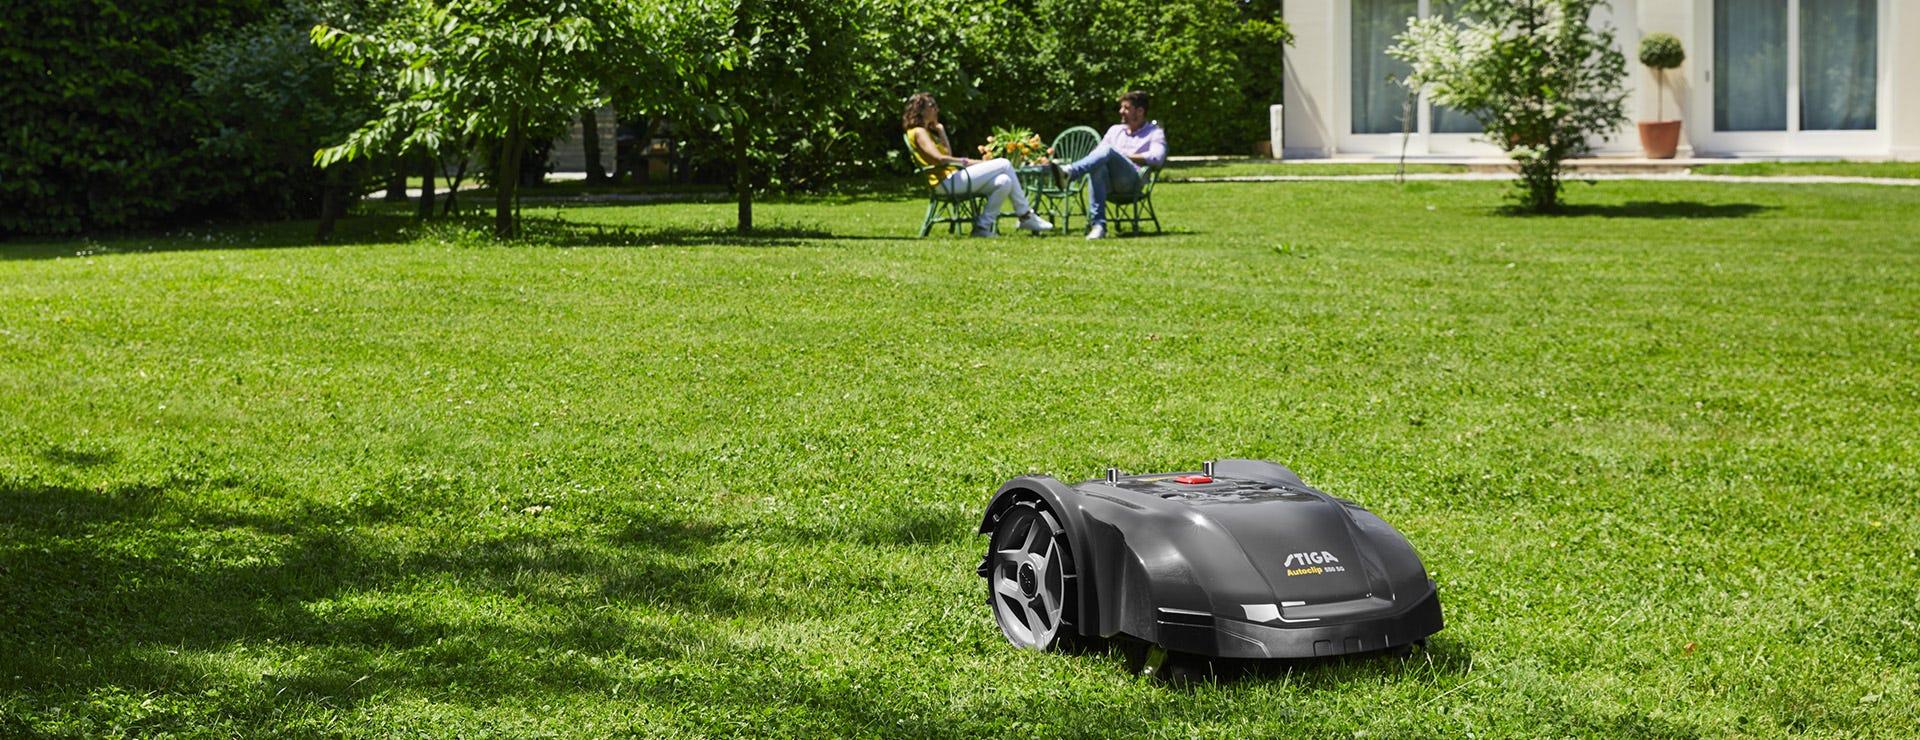 stiga-accu-tuinmachines-robot-batterij